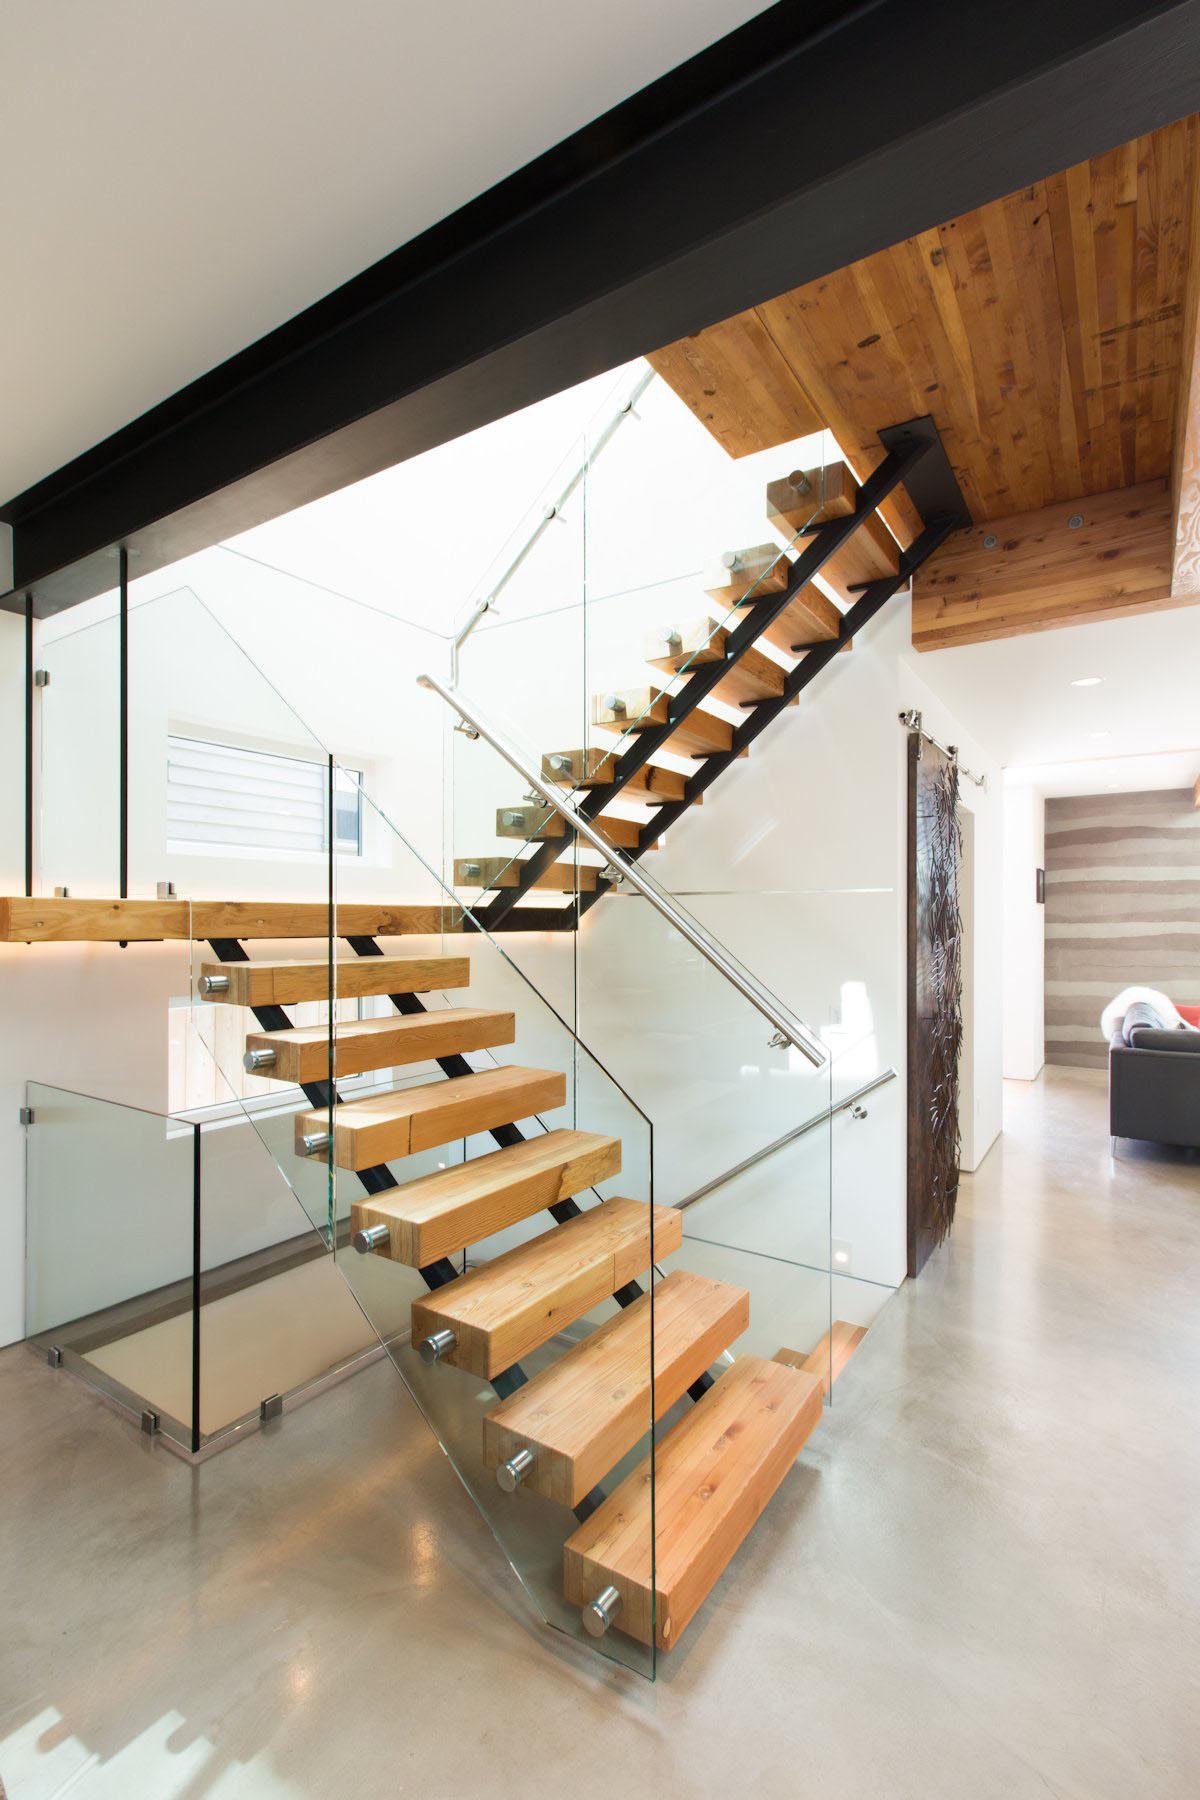 лестница на второй этаж с дерева и стекла